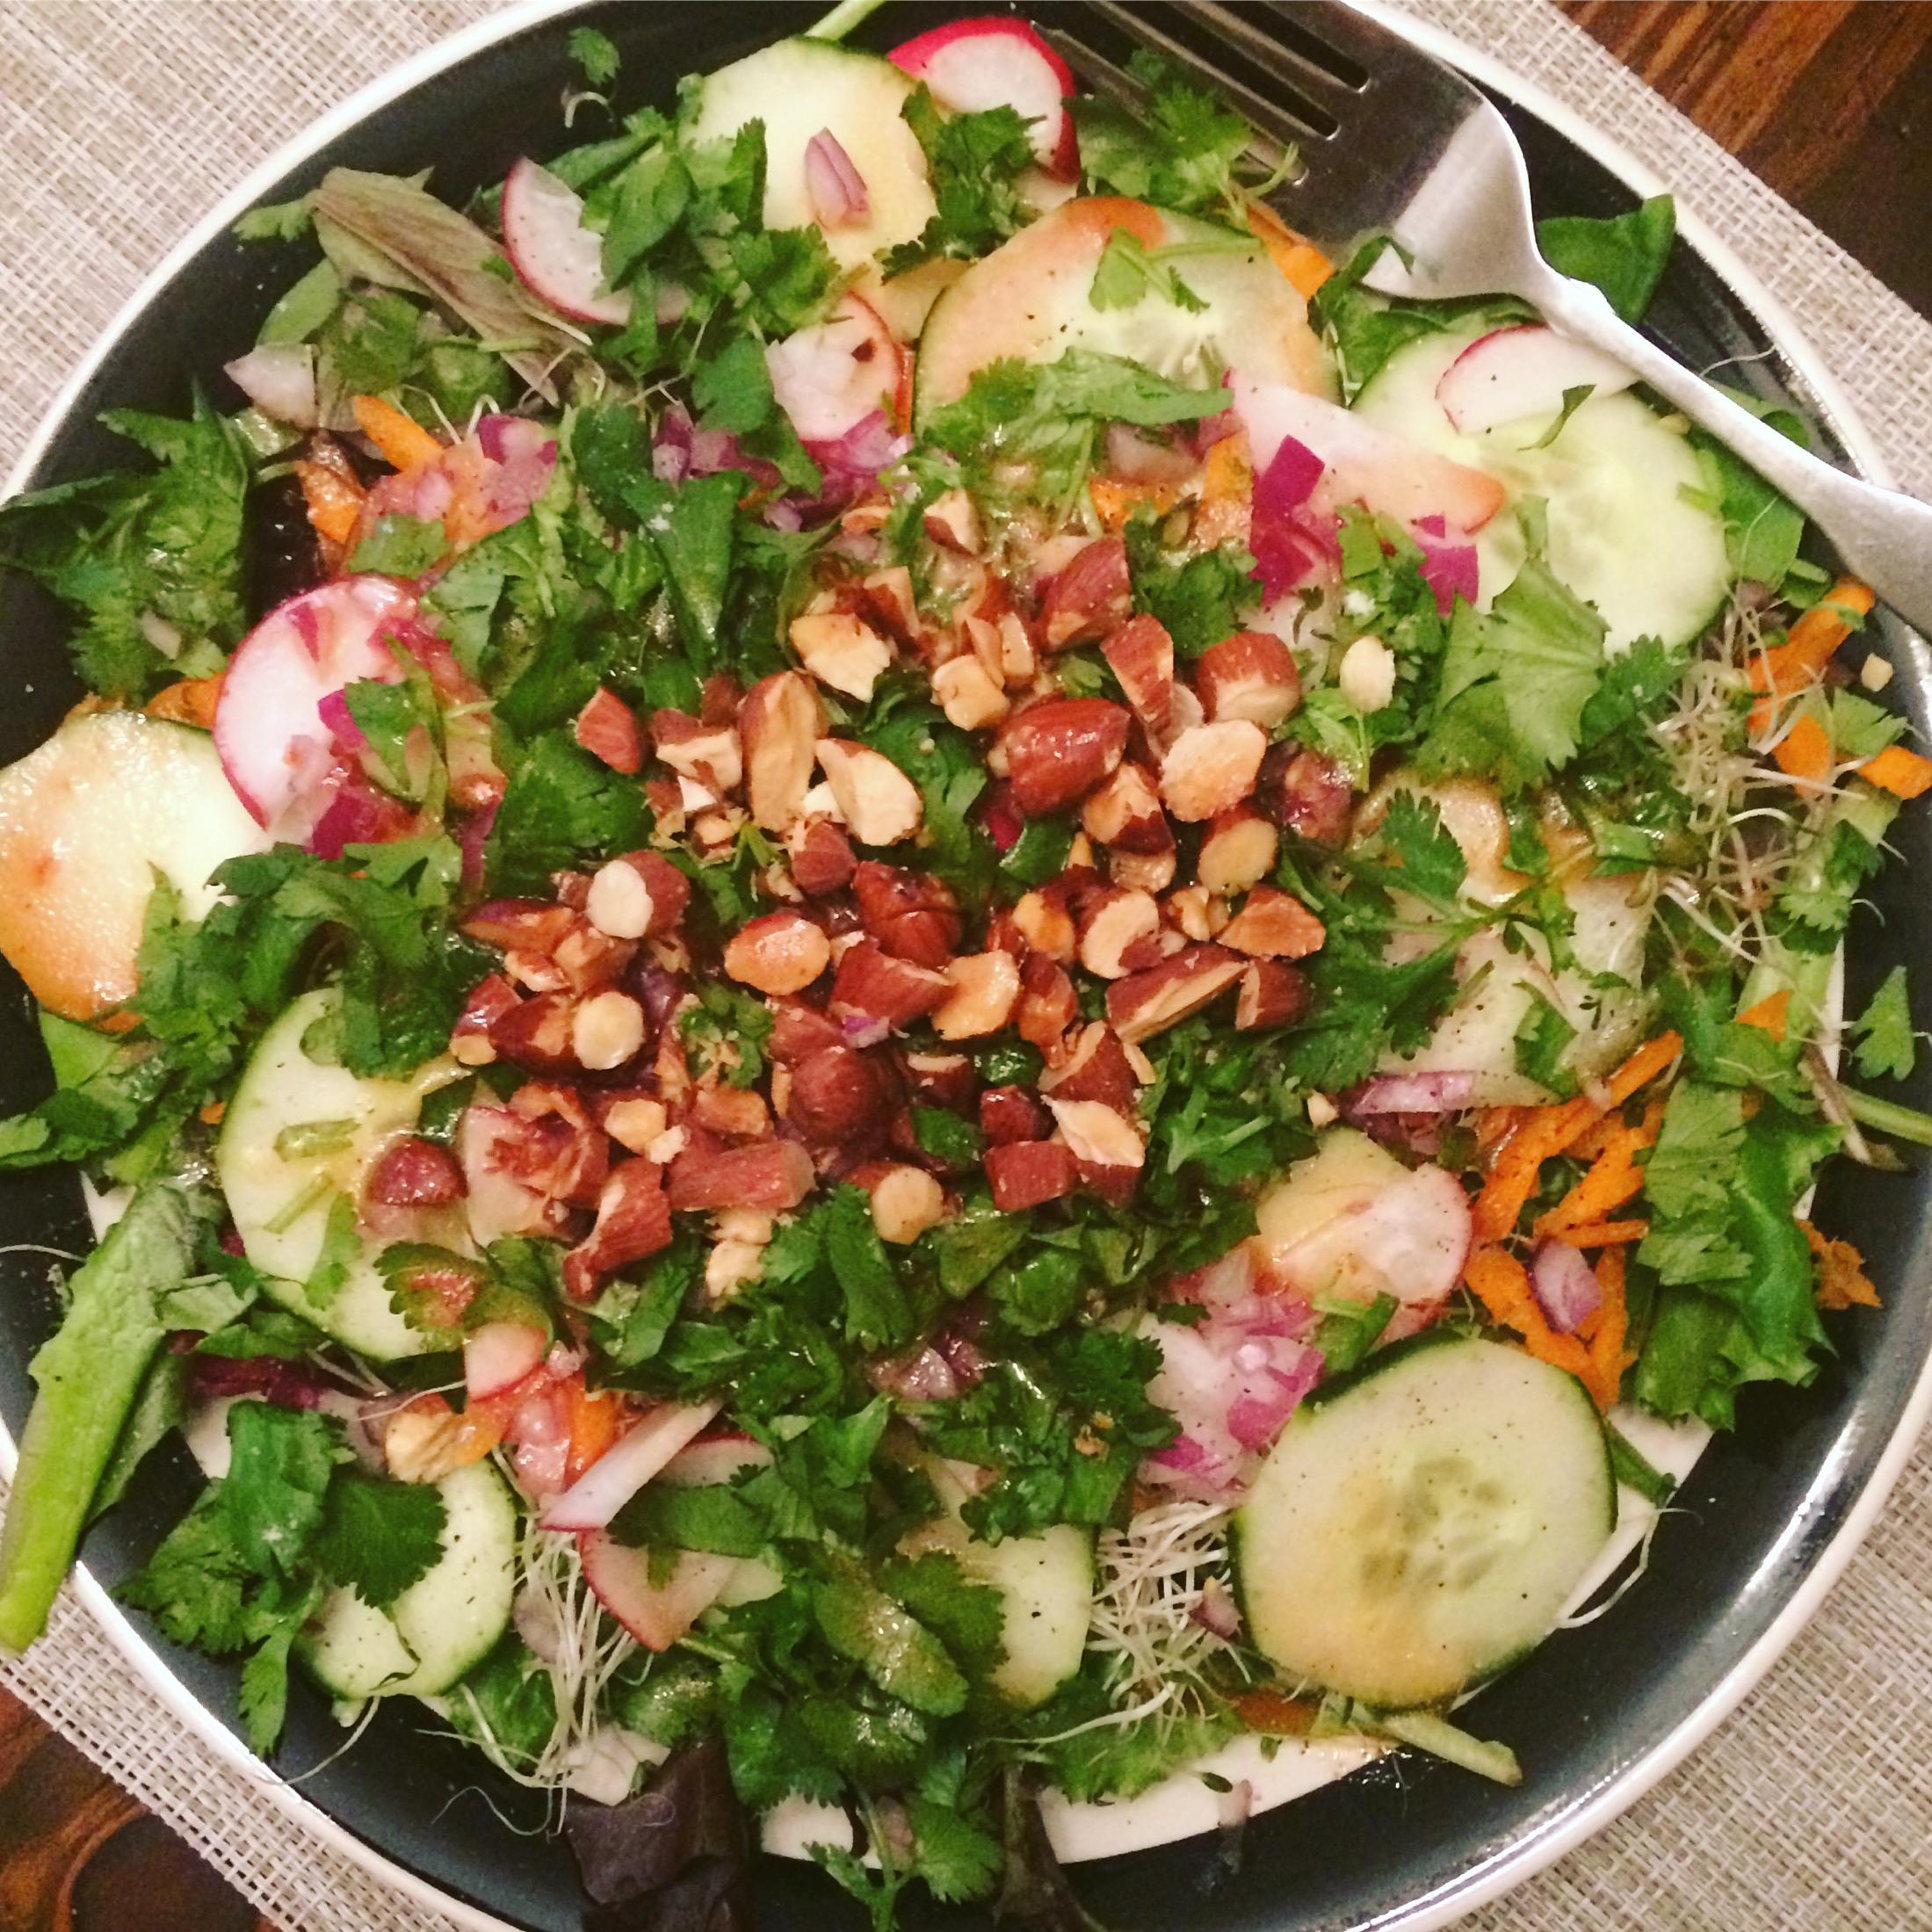 Salad with Raspberry Ginger Vinaigrette